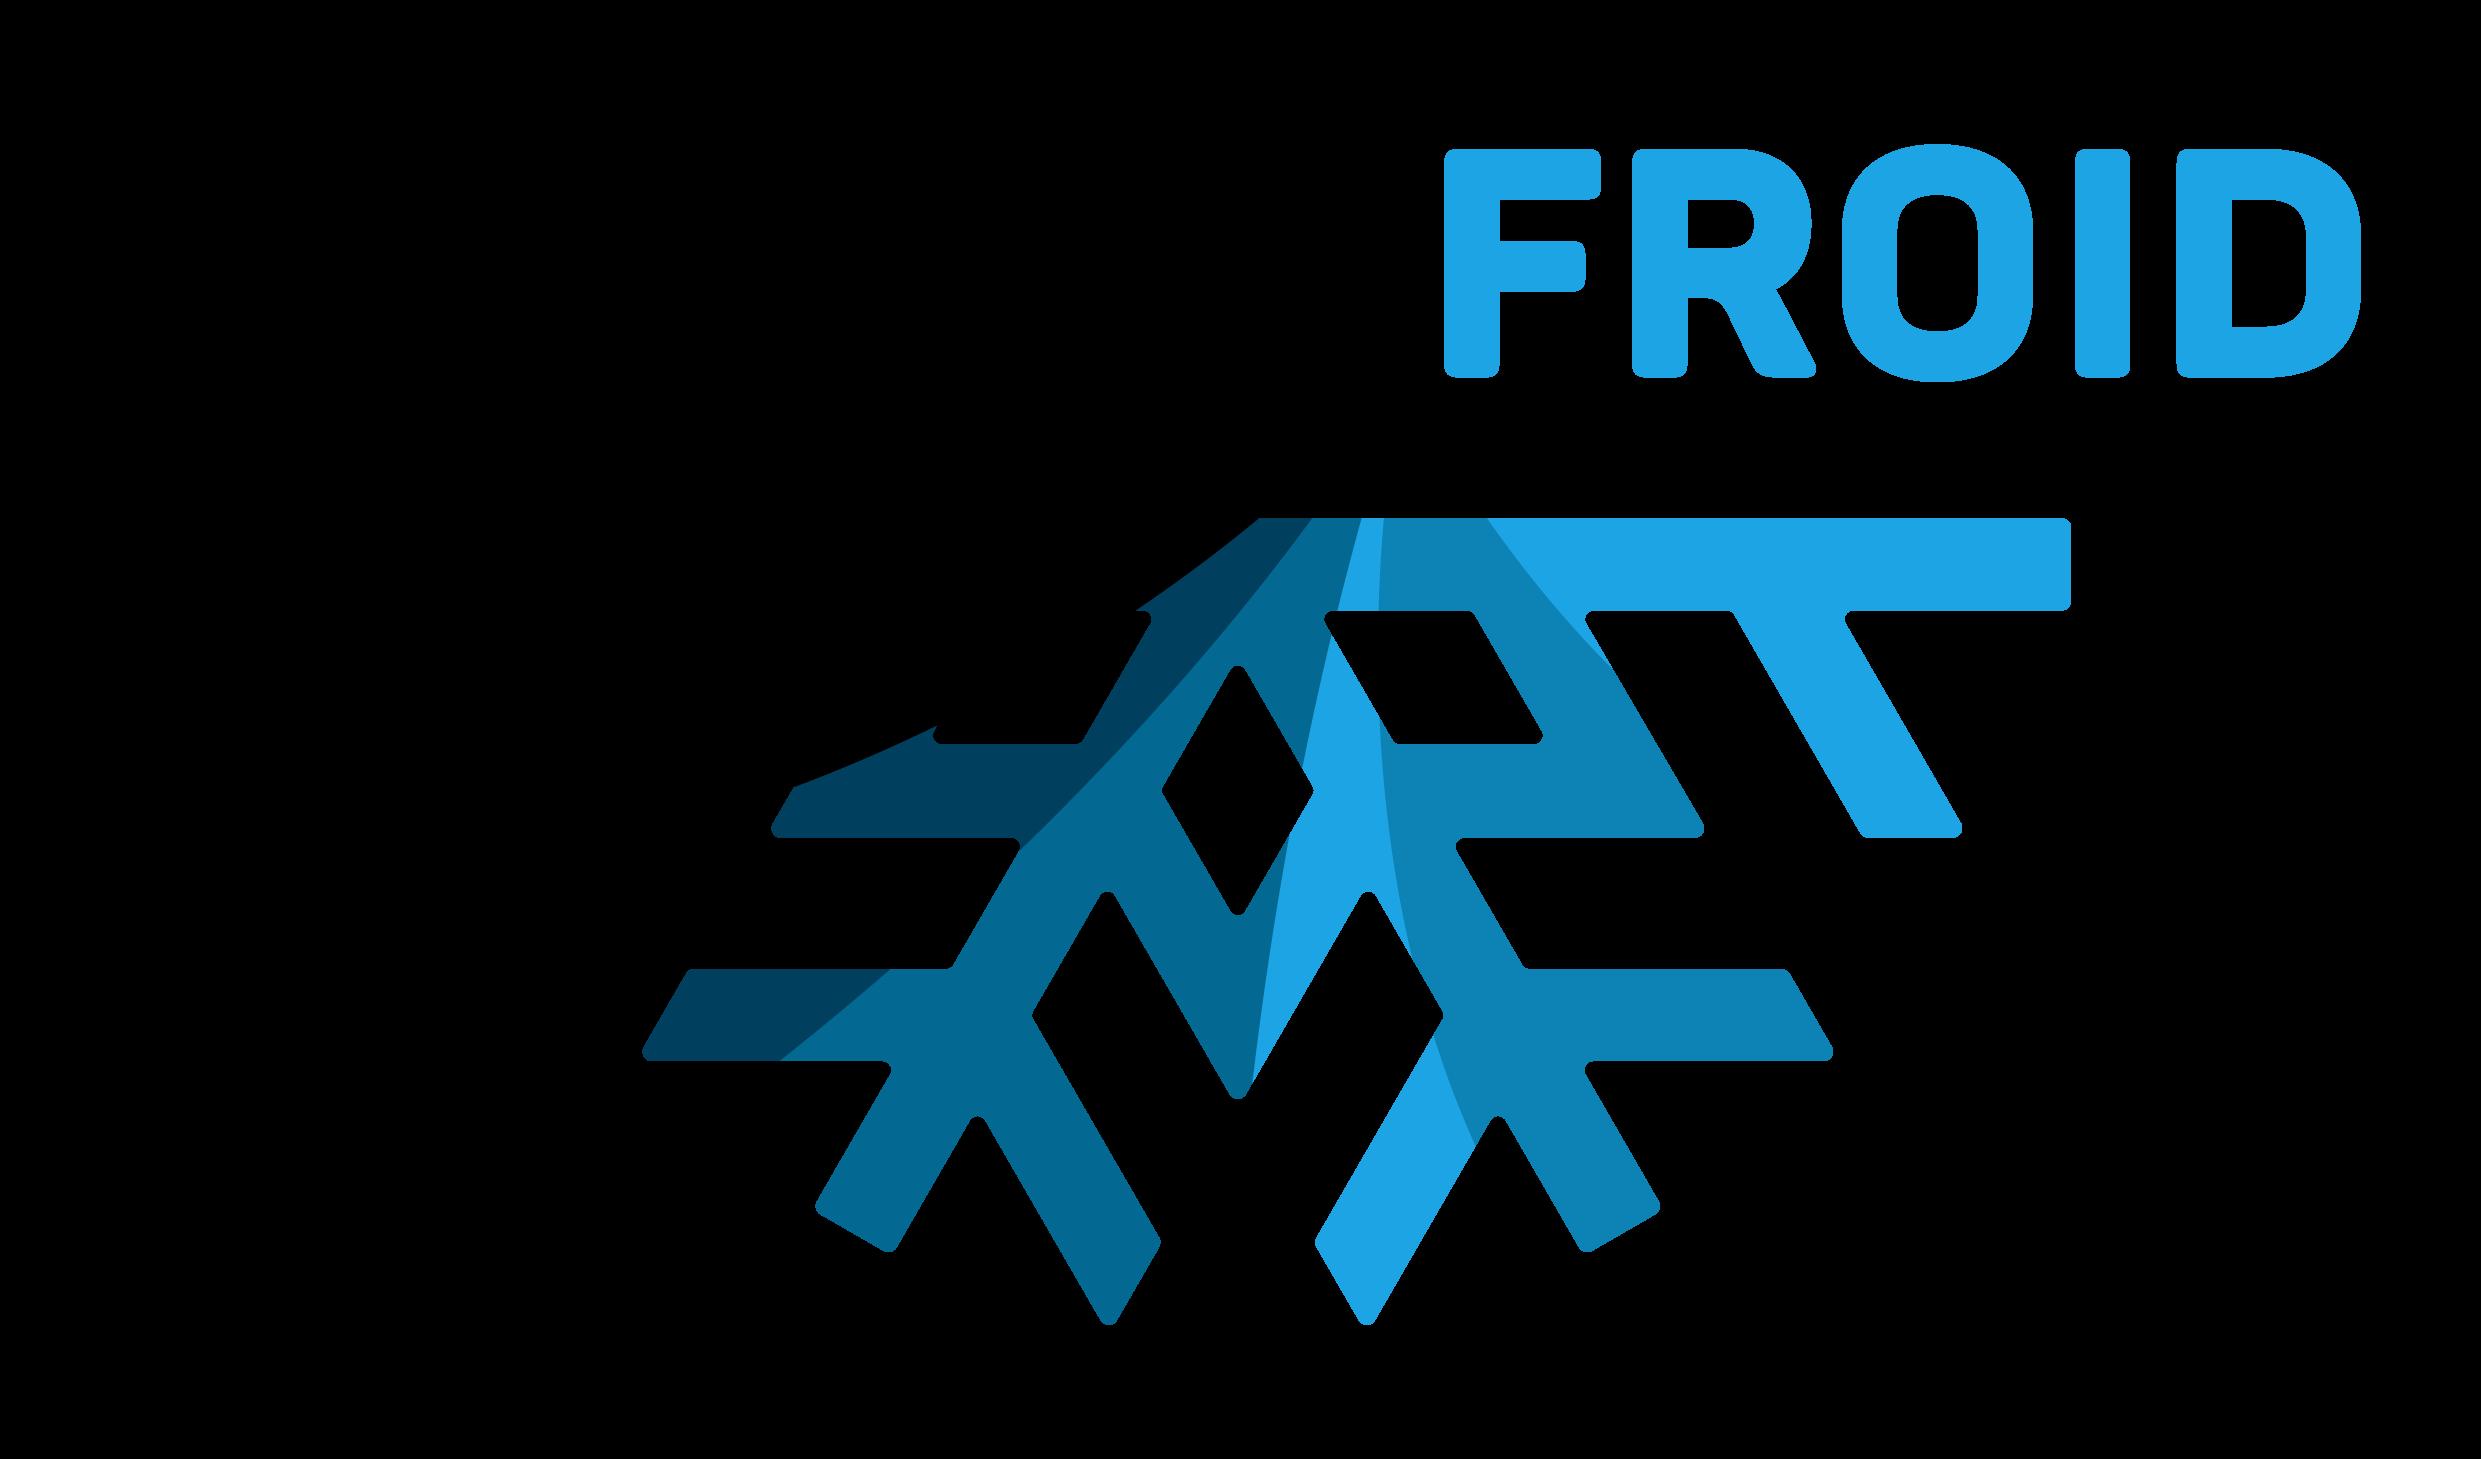 Corbaz Froid